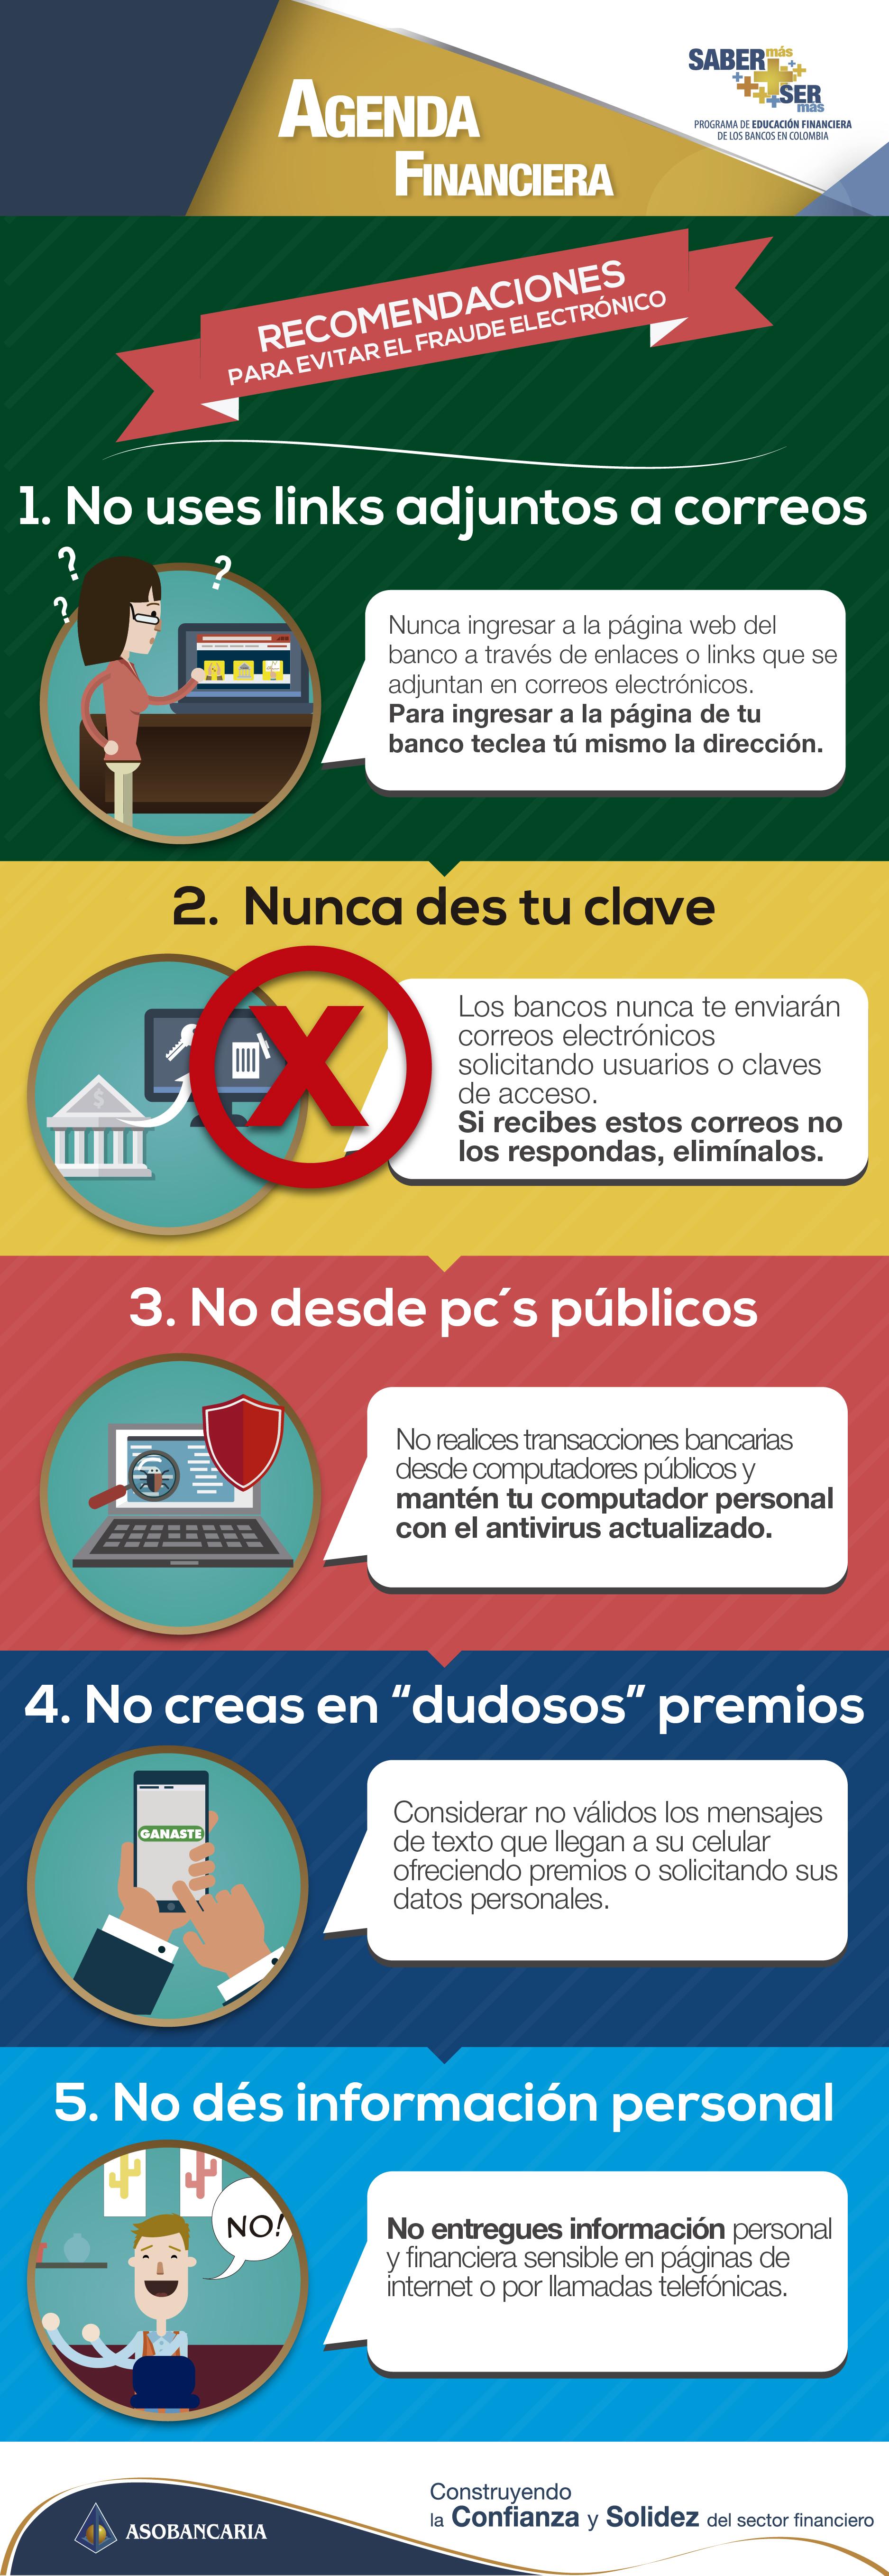 AgendaFinancieraFraudeElectronico-01